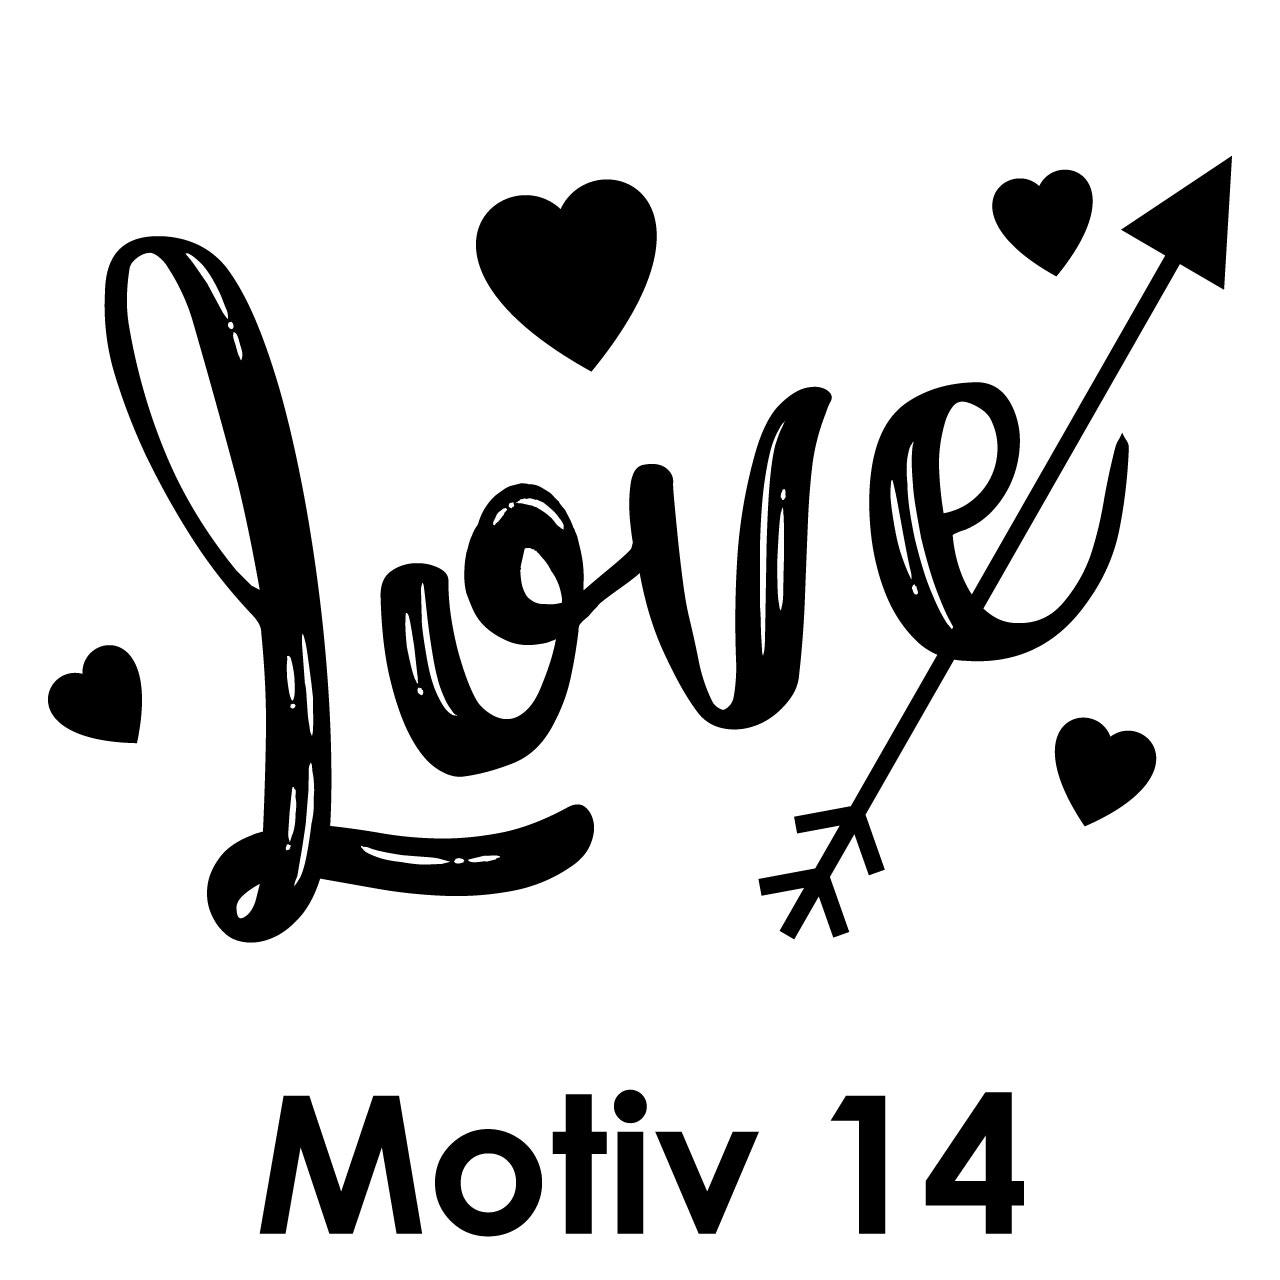 Motiv14